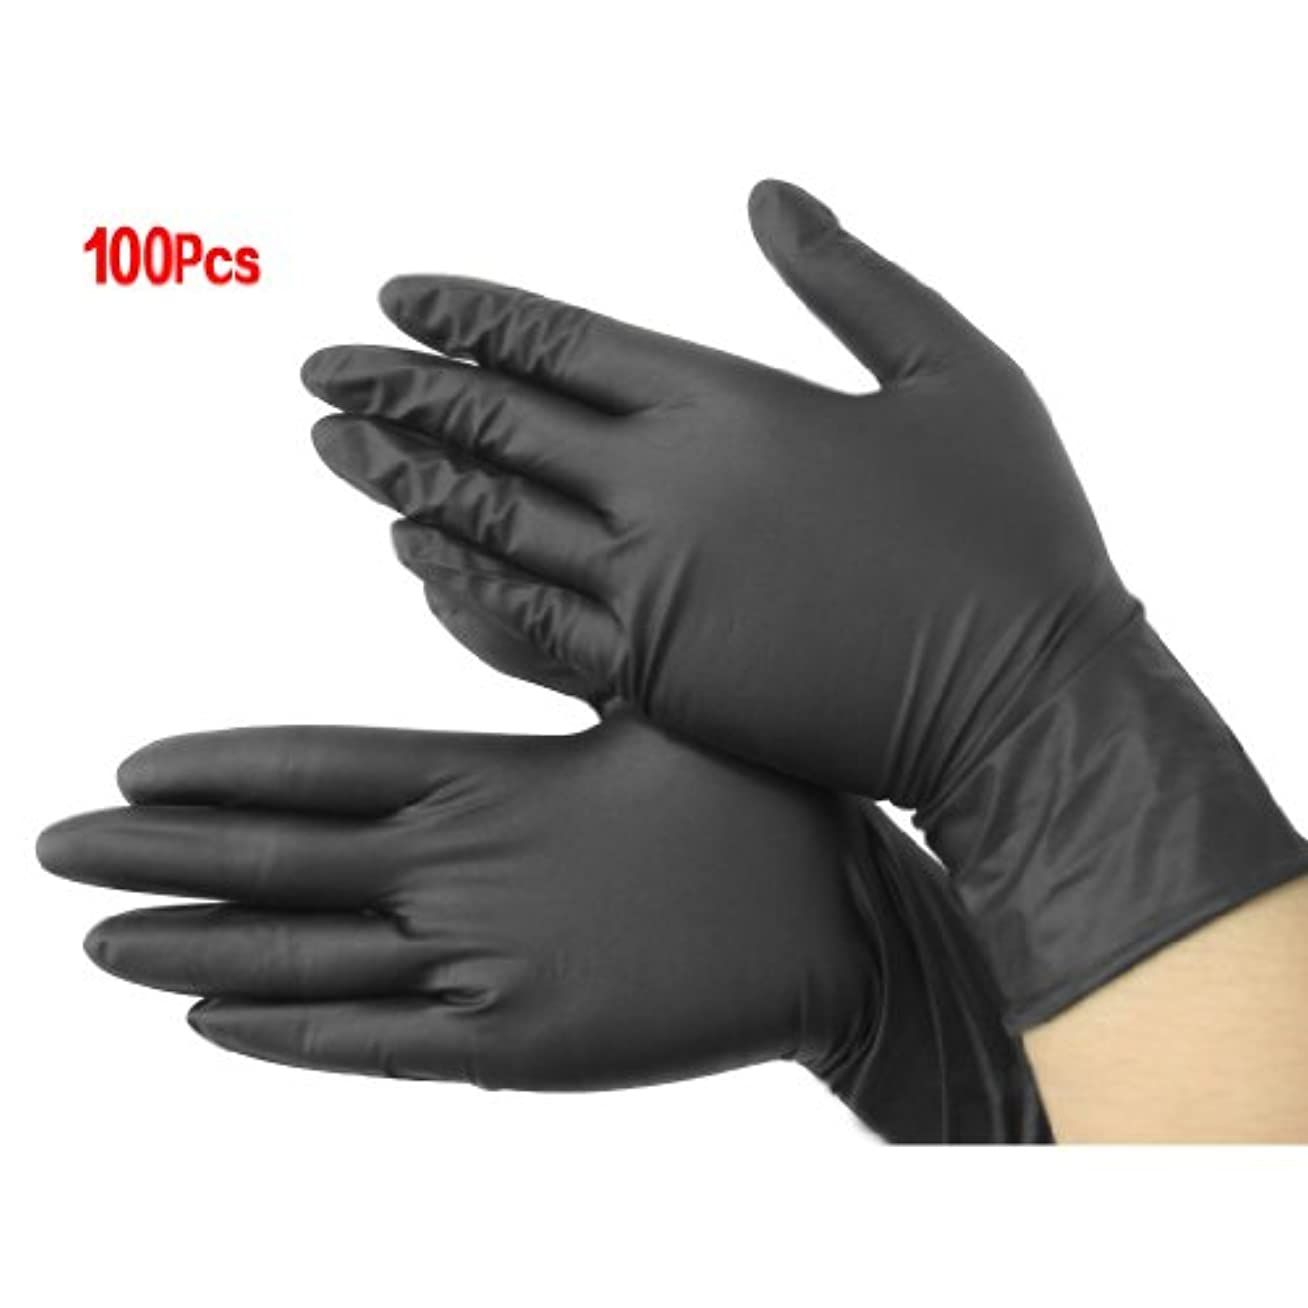 フォージ業界敬な手袋,SODIAL(R)黒いニトリル使い捨てクール手袋 パワーフリーX100 - 入れ墨 - メカニック 新しい